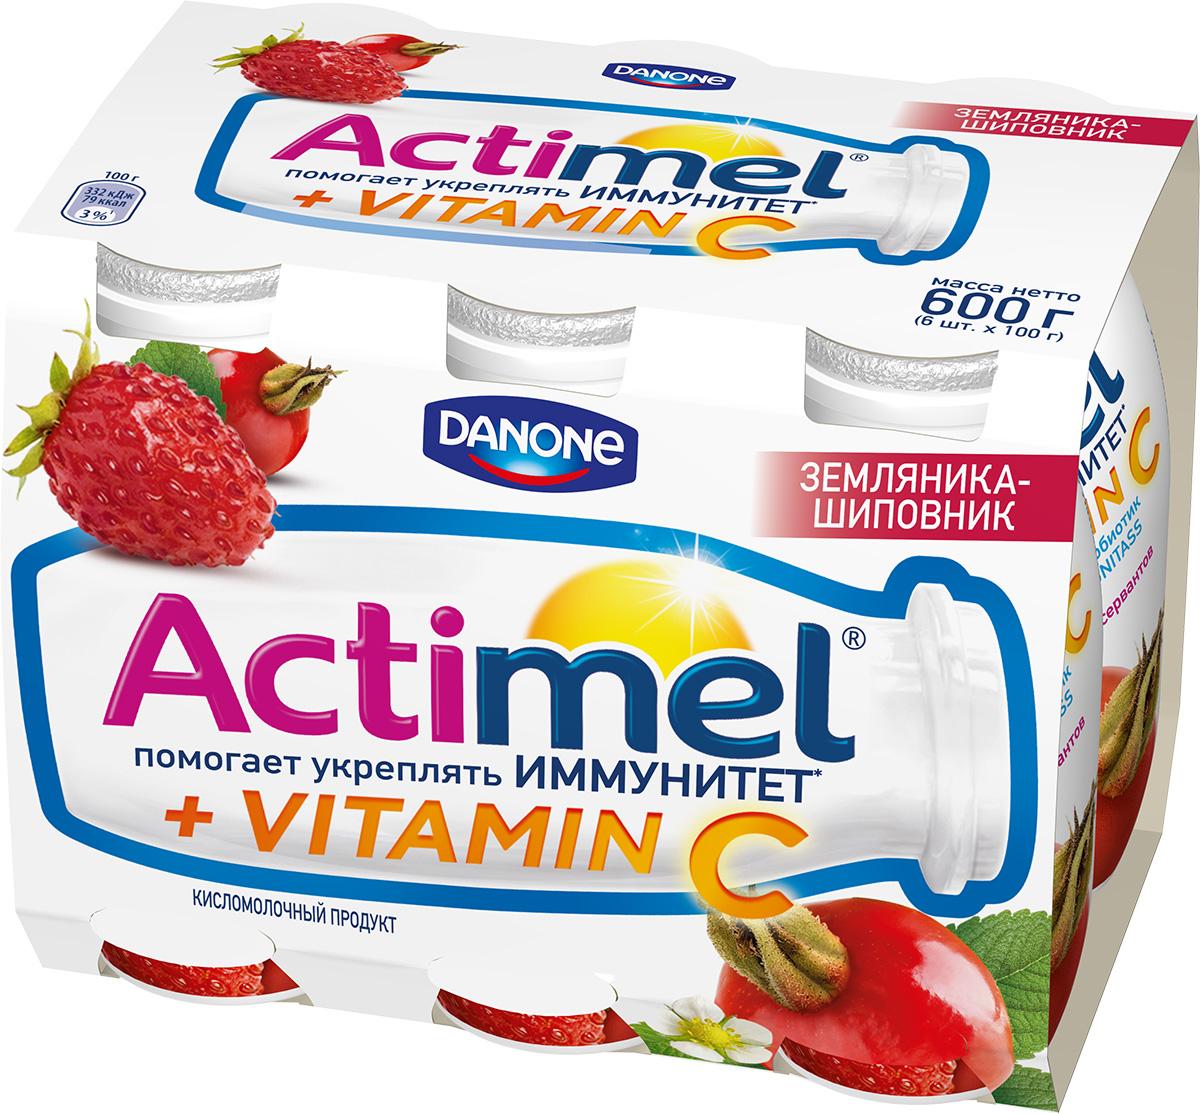 Актимель Продукт кисломолочный, Земляника-шиповник 2,5%, 6 шт по 100 г30269Уникальный кисломолочный продукт с кисло-сладким ягодным вкусом, в котором помимо пробиотиков содержатся особые лактобактерии L.Casei Imunitass и витамин C, повышающие иммунитет. Действуя комплексно, они благотворно влияют на микрофлору и стенки кишечника, укрепляя его иммунную систему и препятствуя проникновению инфекций и бактерий в ваш организм.Пищевая ценность в 100 г продукта: Энергетическая ценность: 79 ккал Белки: 2,65 г Жиры: 2,5 г Углеводы: 11,5 г, в том числе сахароза: 8,4 гУважаемые клиенты! Обращаем ваше внимание, что полный перечень состава продукта представлен на дополнительном изображении.